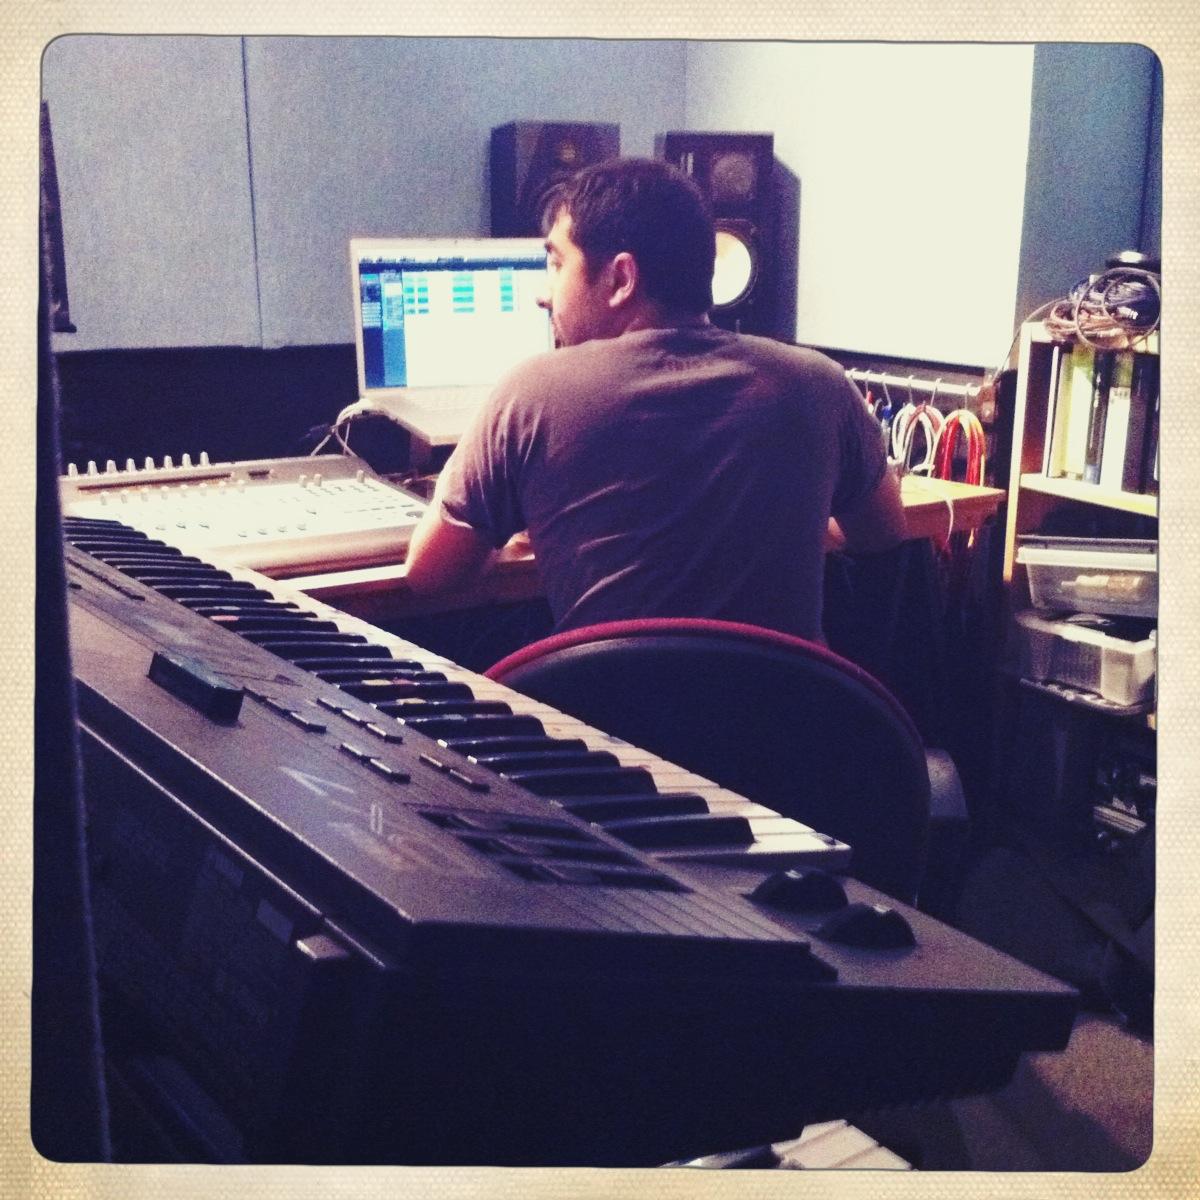 Umair Chaudhry at Silver Street Studios